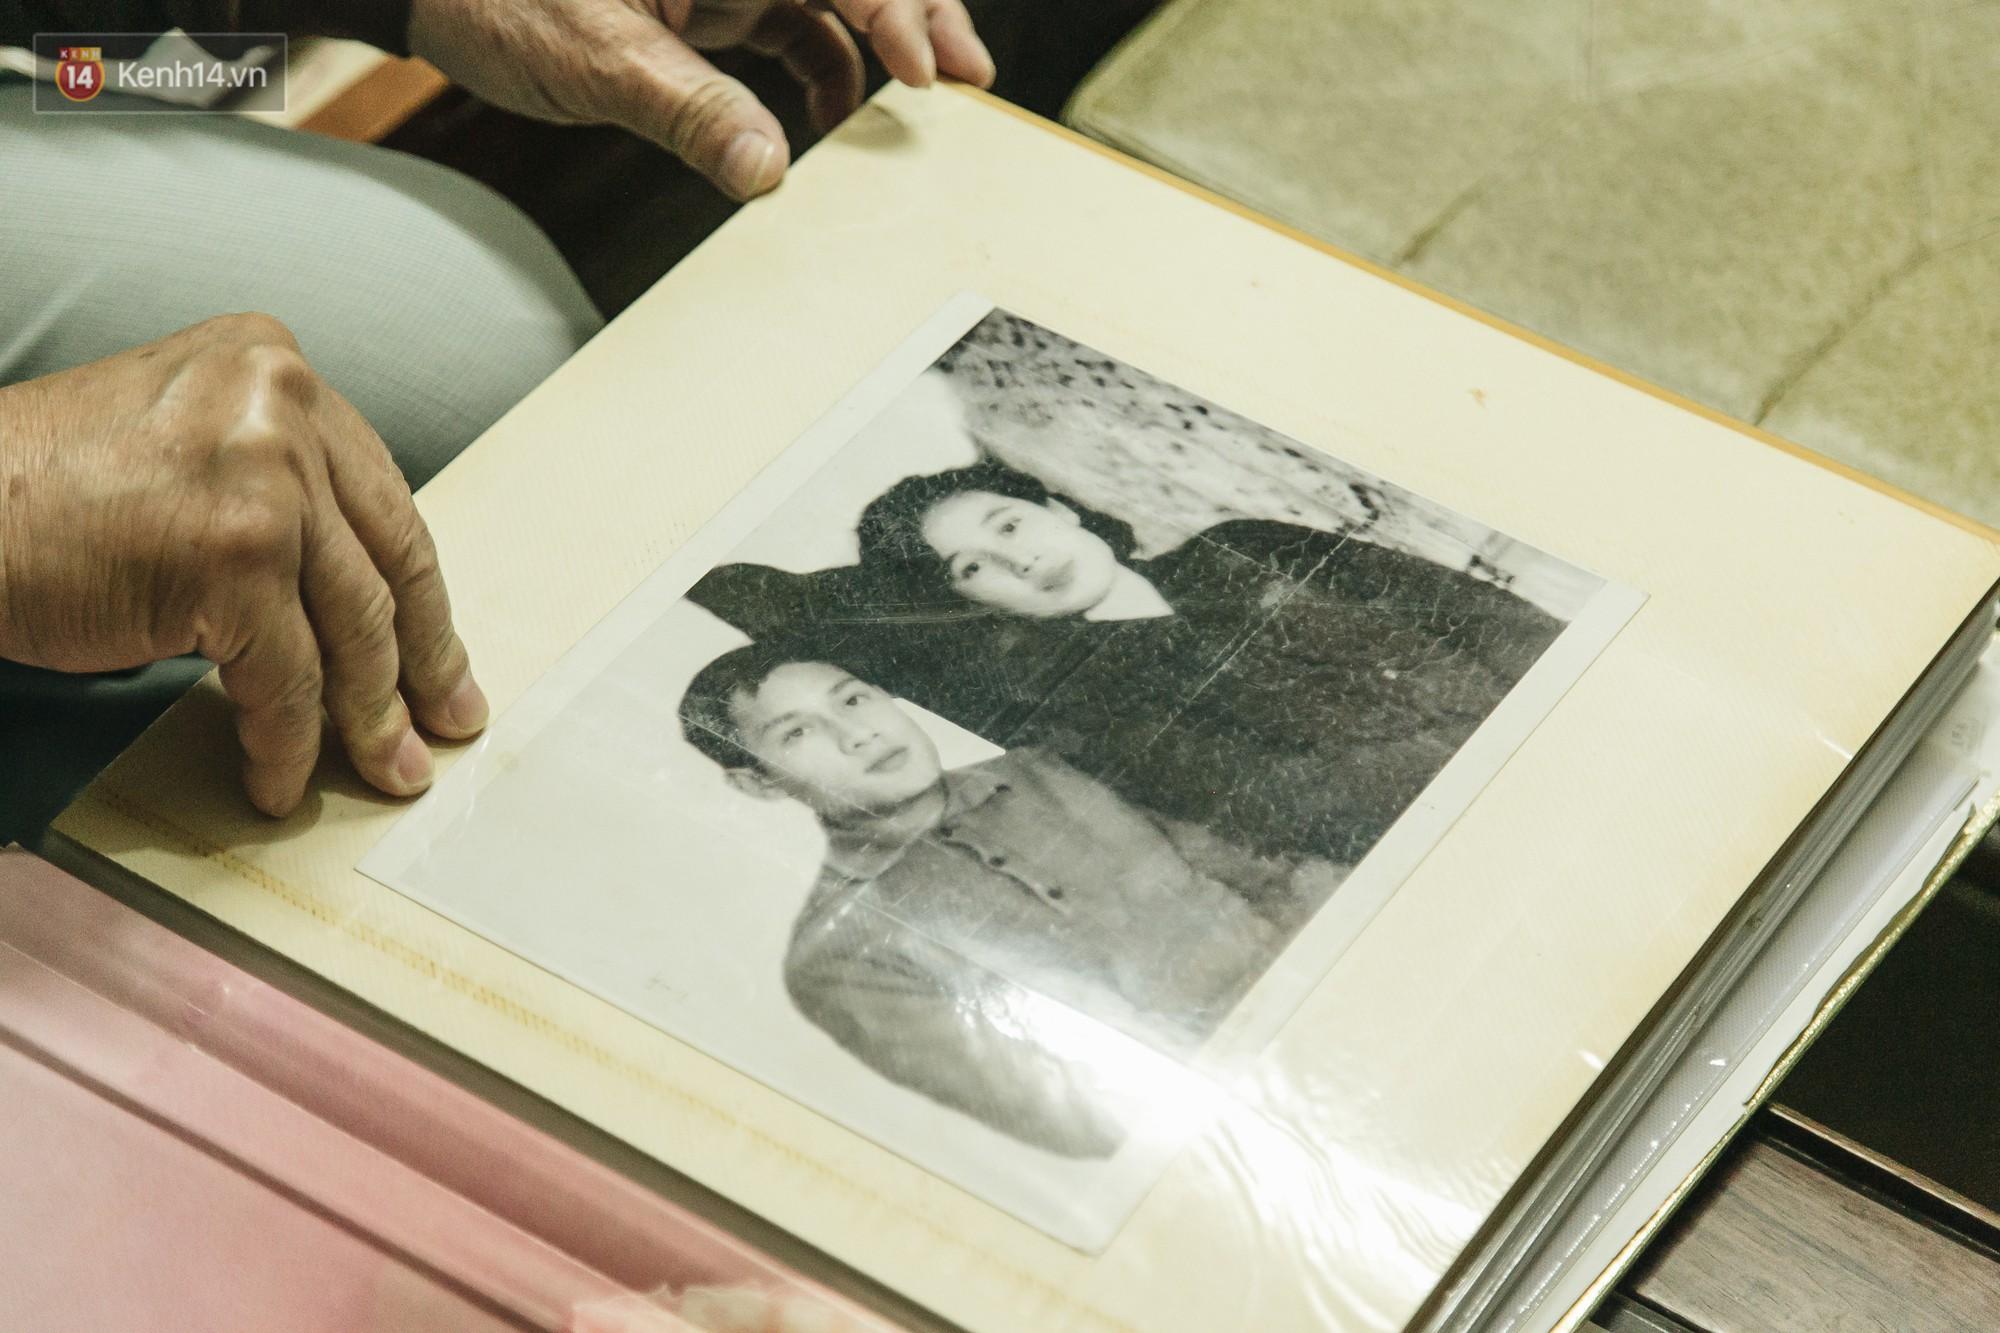 Đoạn kết đẹp của chàng sinh viên Hà Nội đem lòng yêu cô gái Triều Tiên và 30 năm xa cách tưởng như chẳng thể về bên nhau - Ảnh 1.